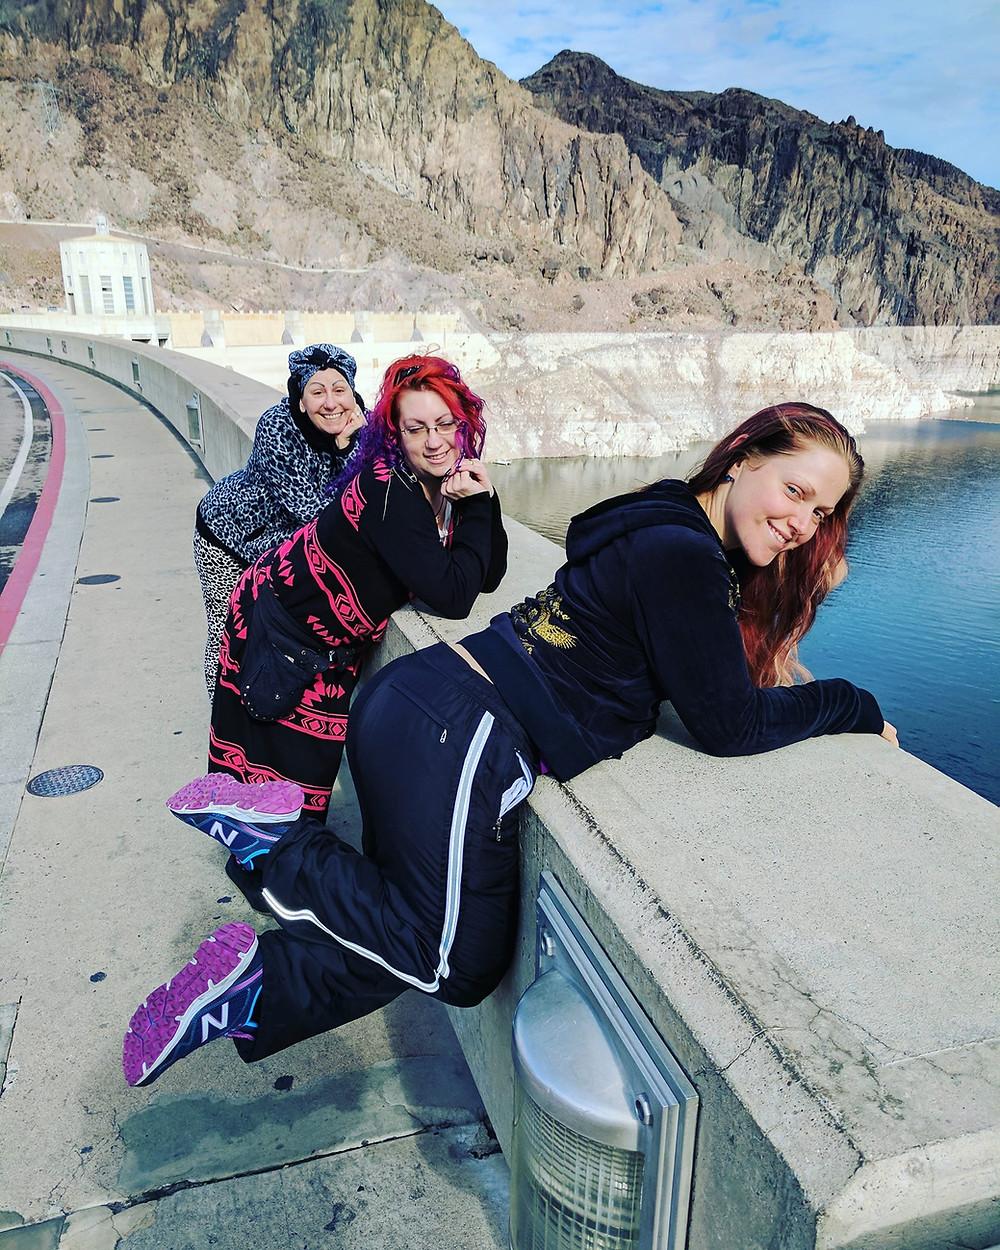 acrobatics on the Hoover dam